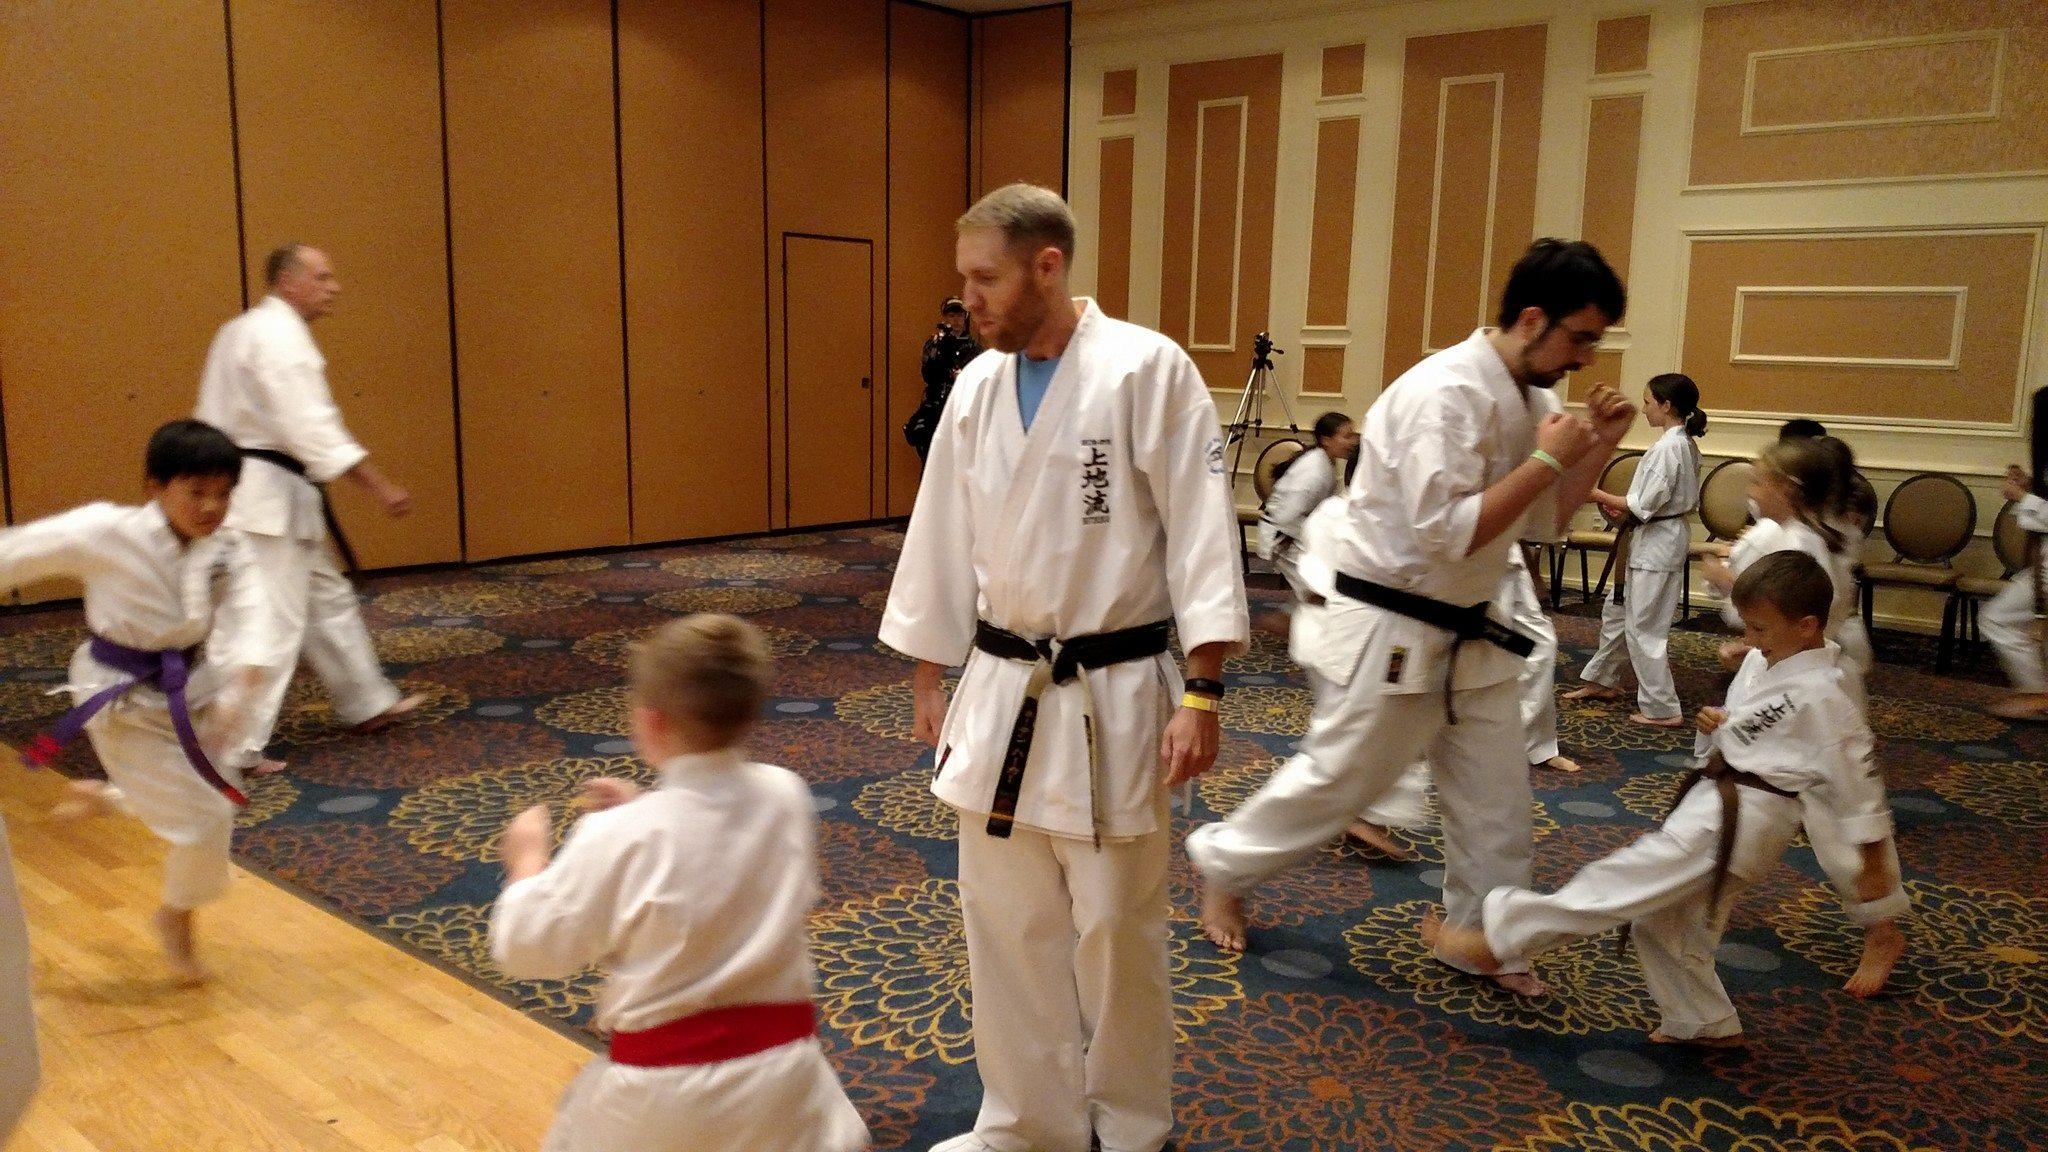 Presentation by Neil Stone's Karate Academy